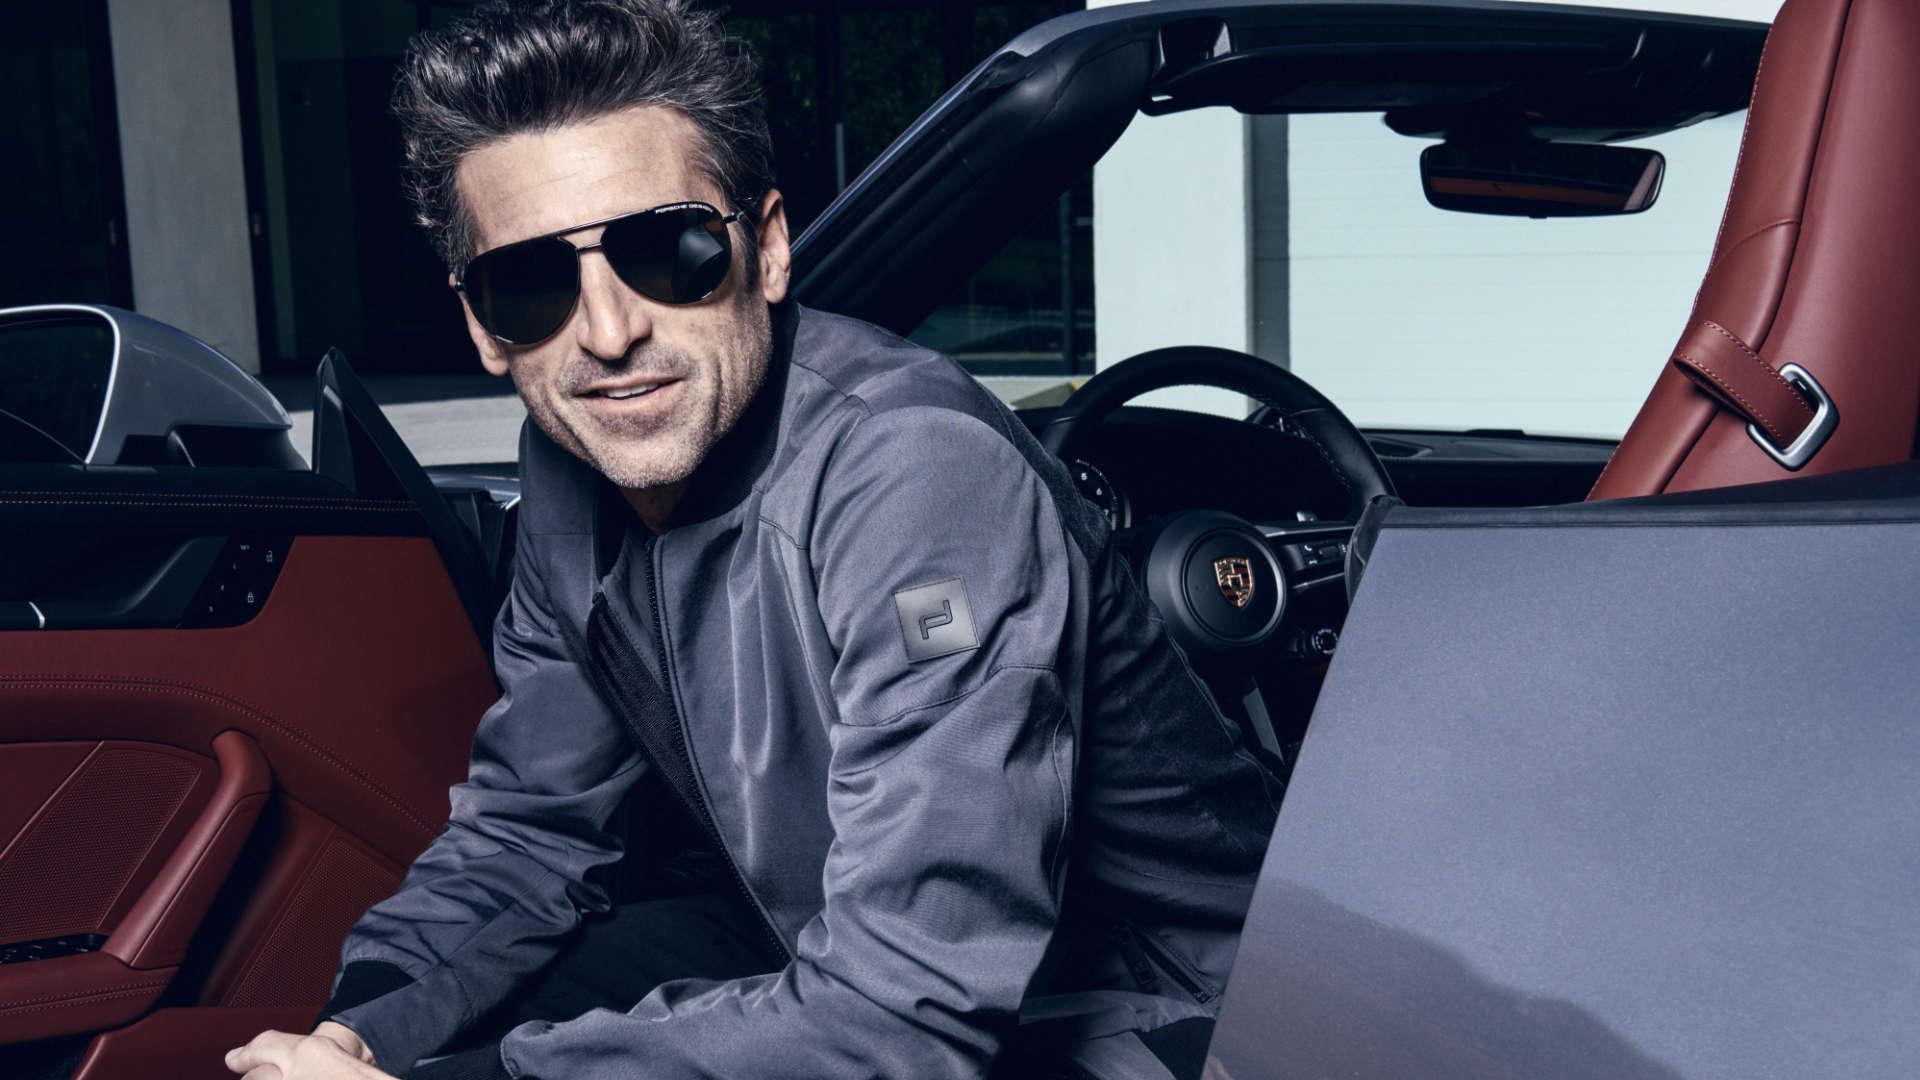 Patrick Dempsey ist neuer Markenbotschafter für Porsche Design Eyewear